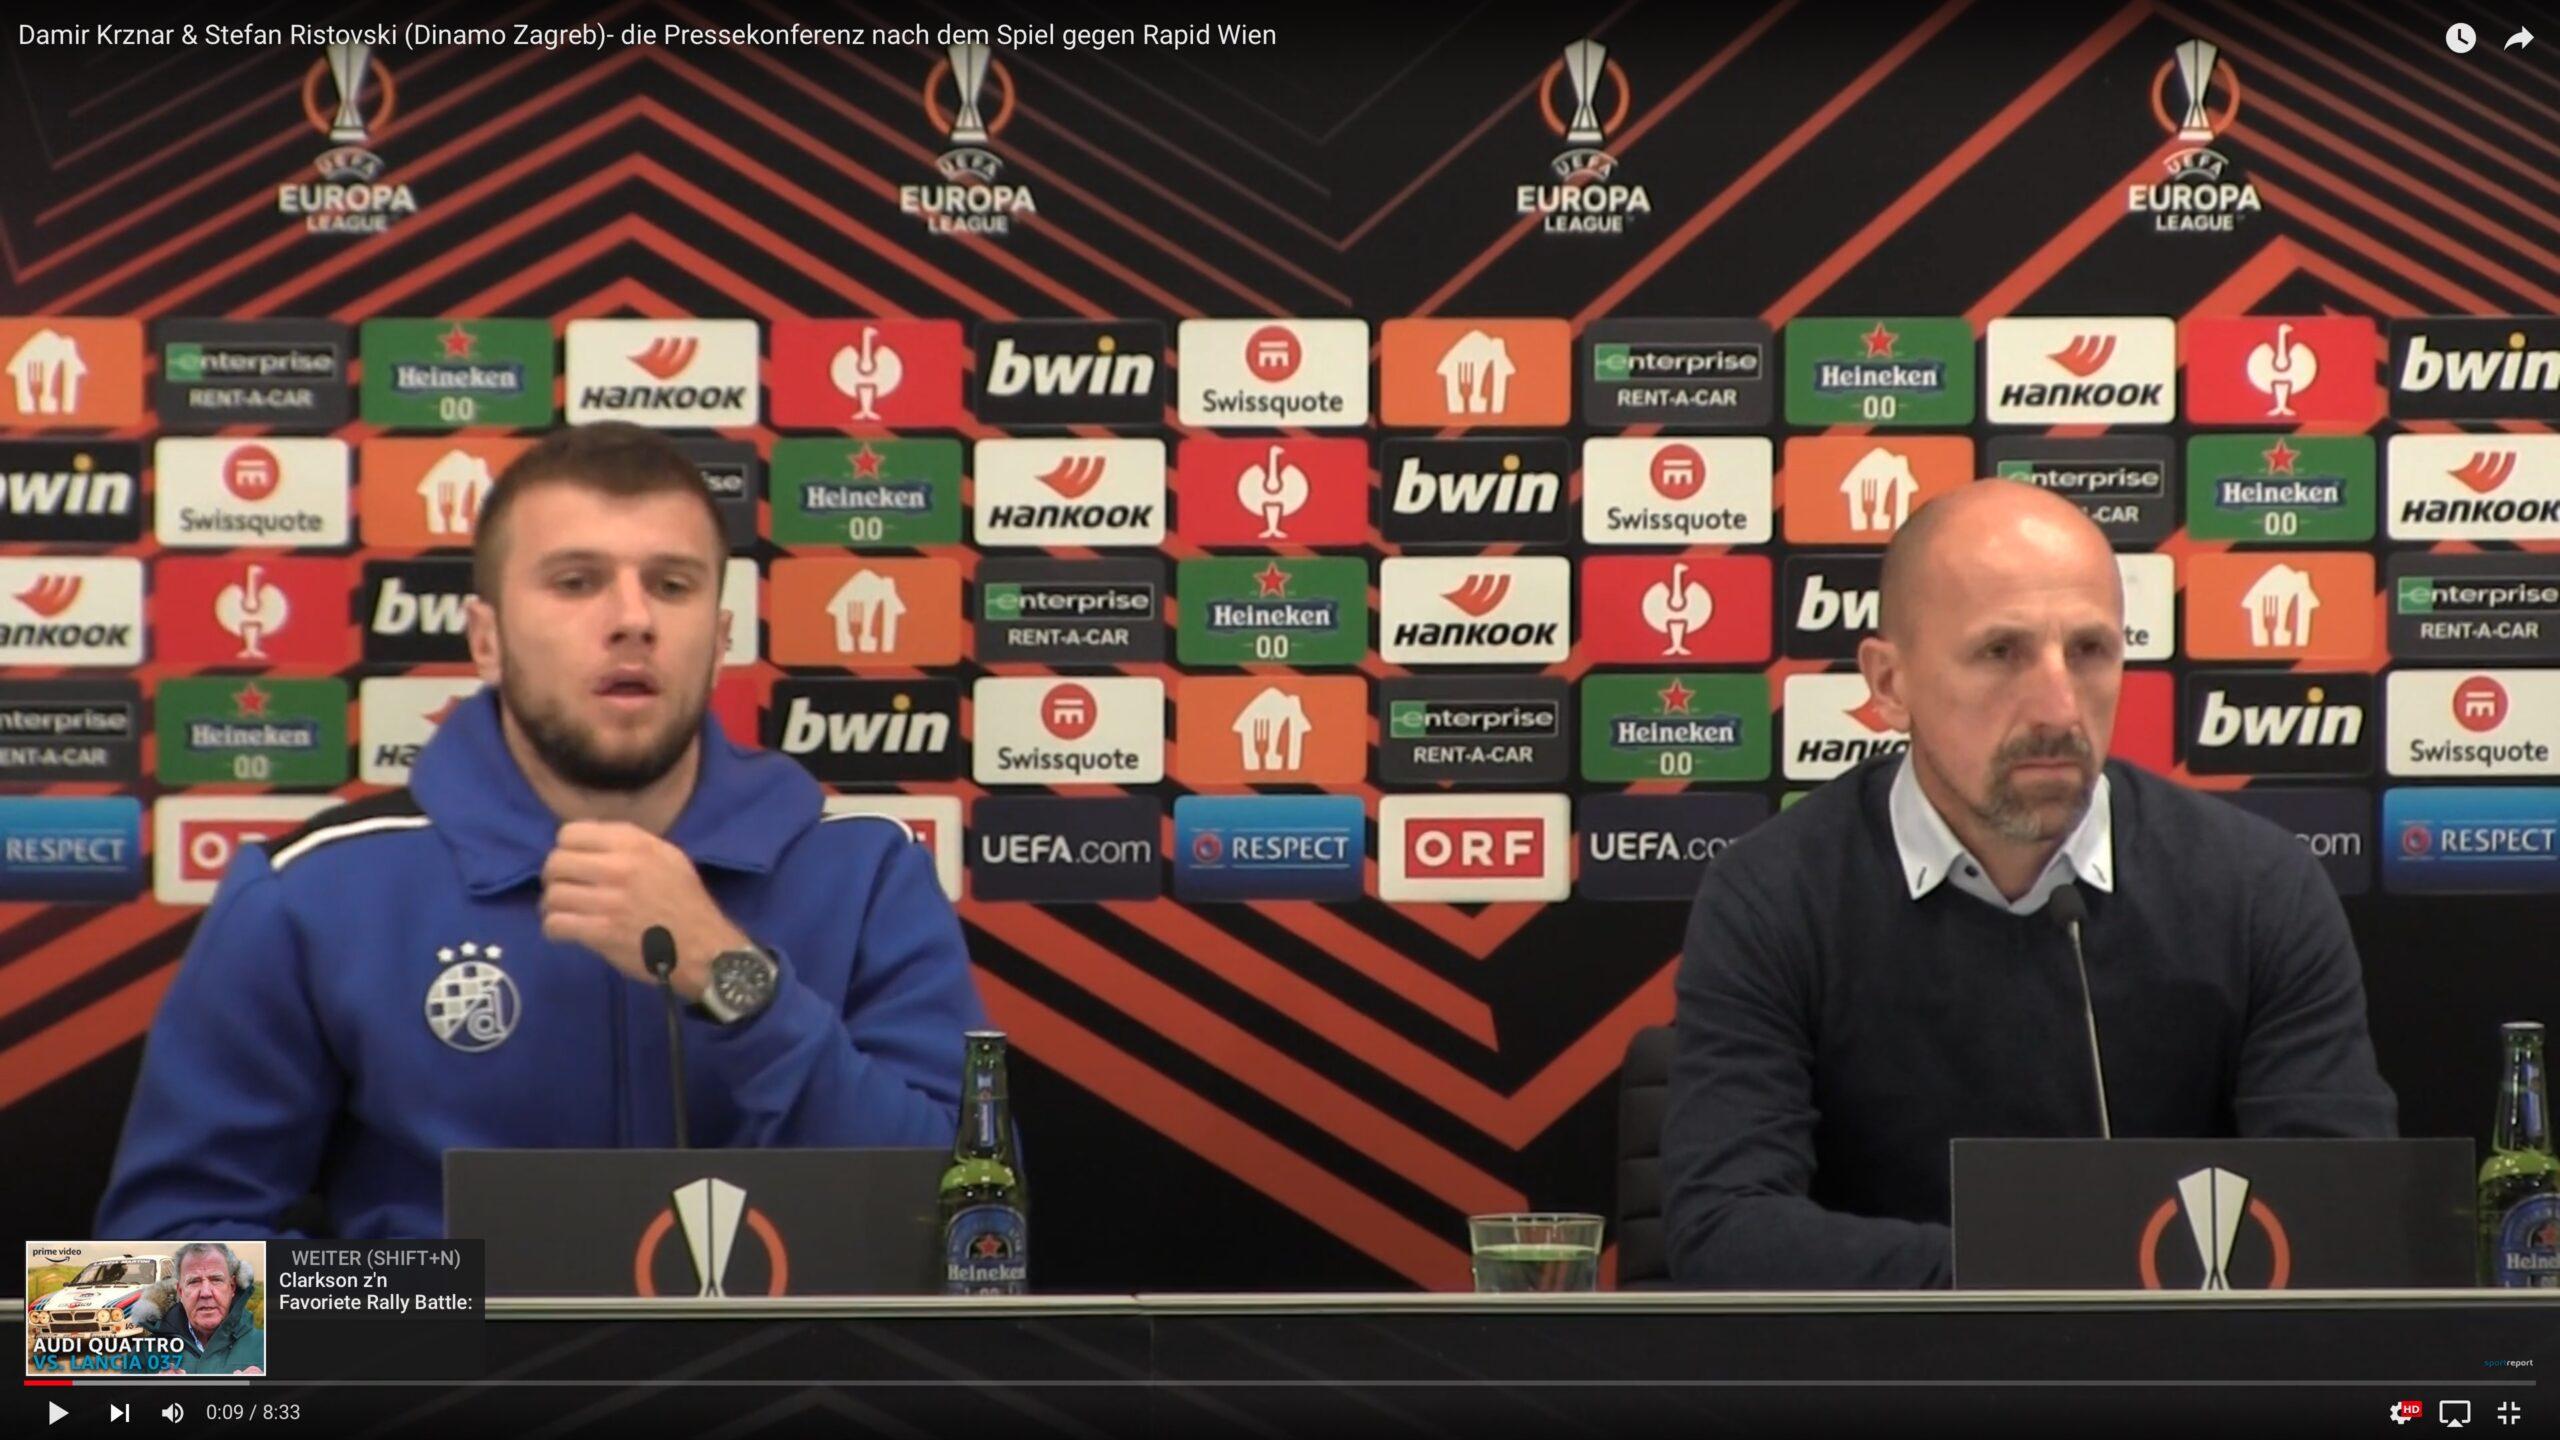 Video: Damir Krznar (Trainer Dinamo Zagreb) - die Pressekonferenz nach dem Spiel gegen SK Rapid Wien